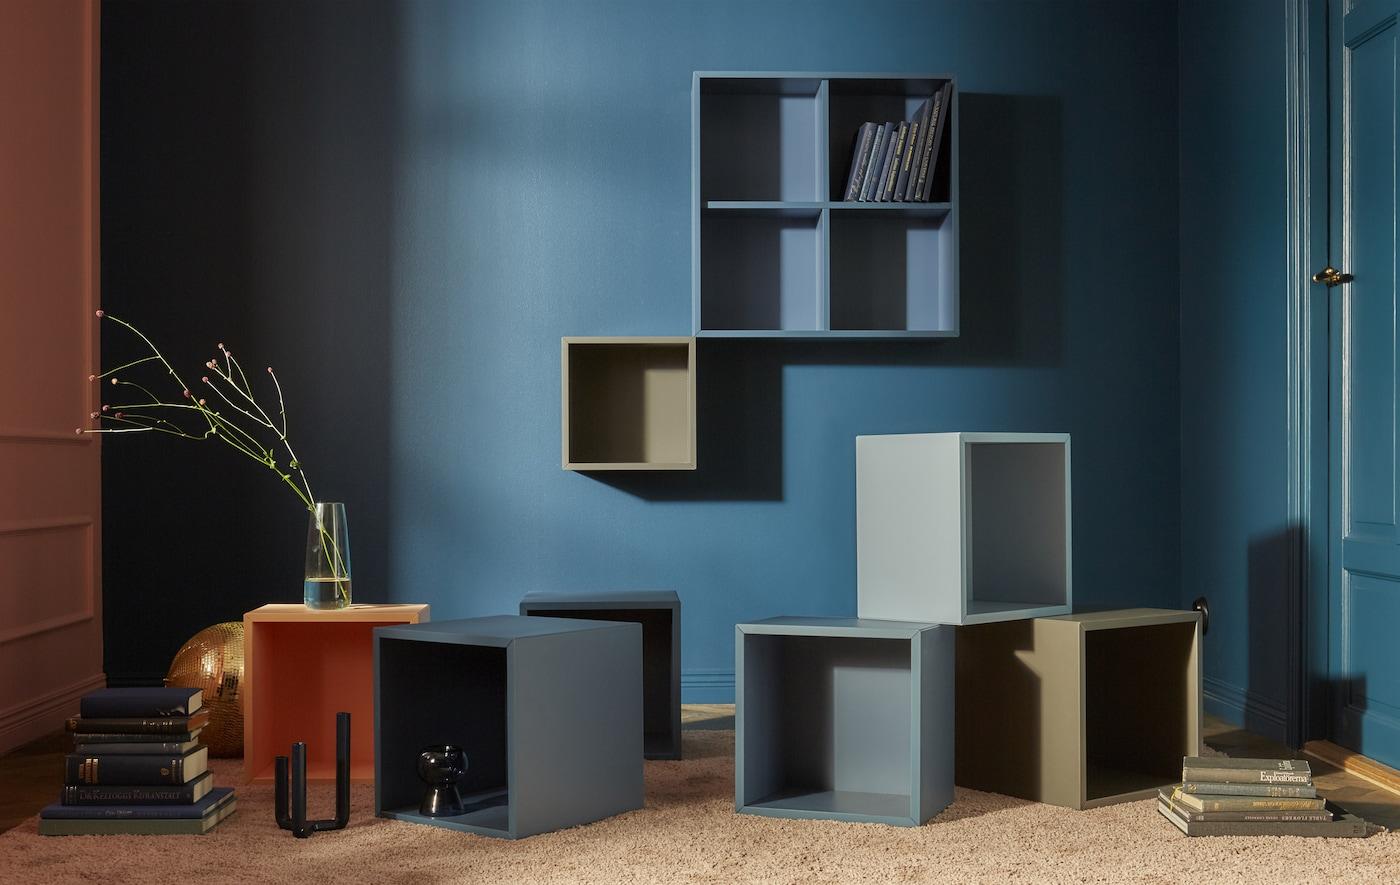 Wohnzimmer Hangeschrank Ideen Fur Mehr Platz Ikea Deutschland